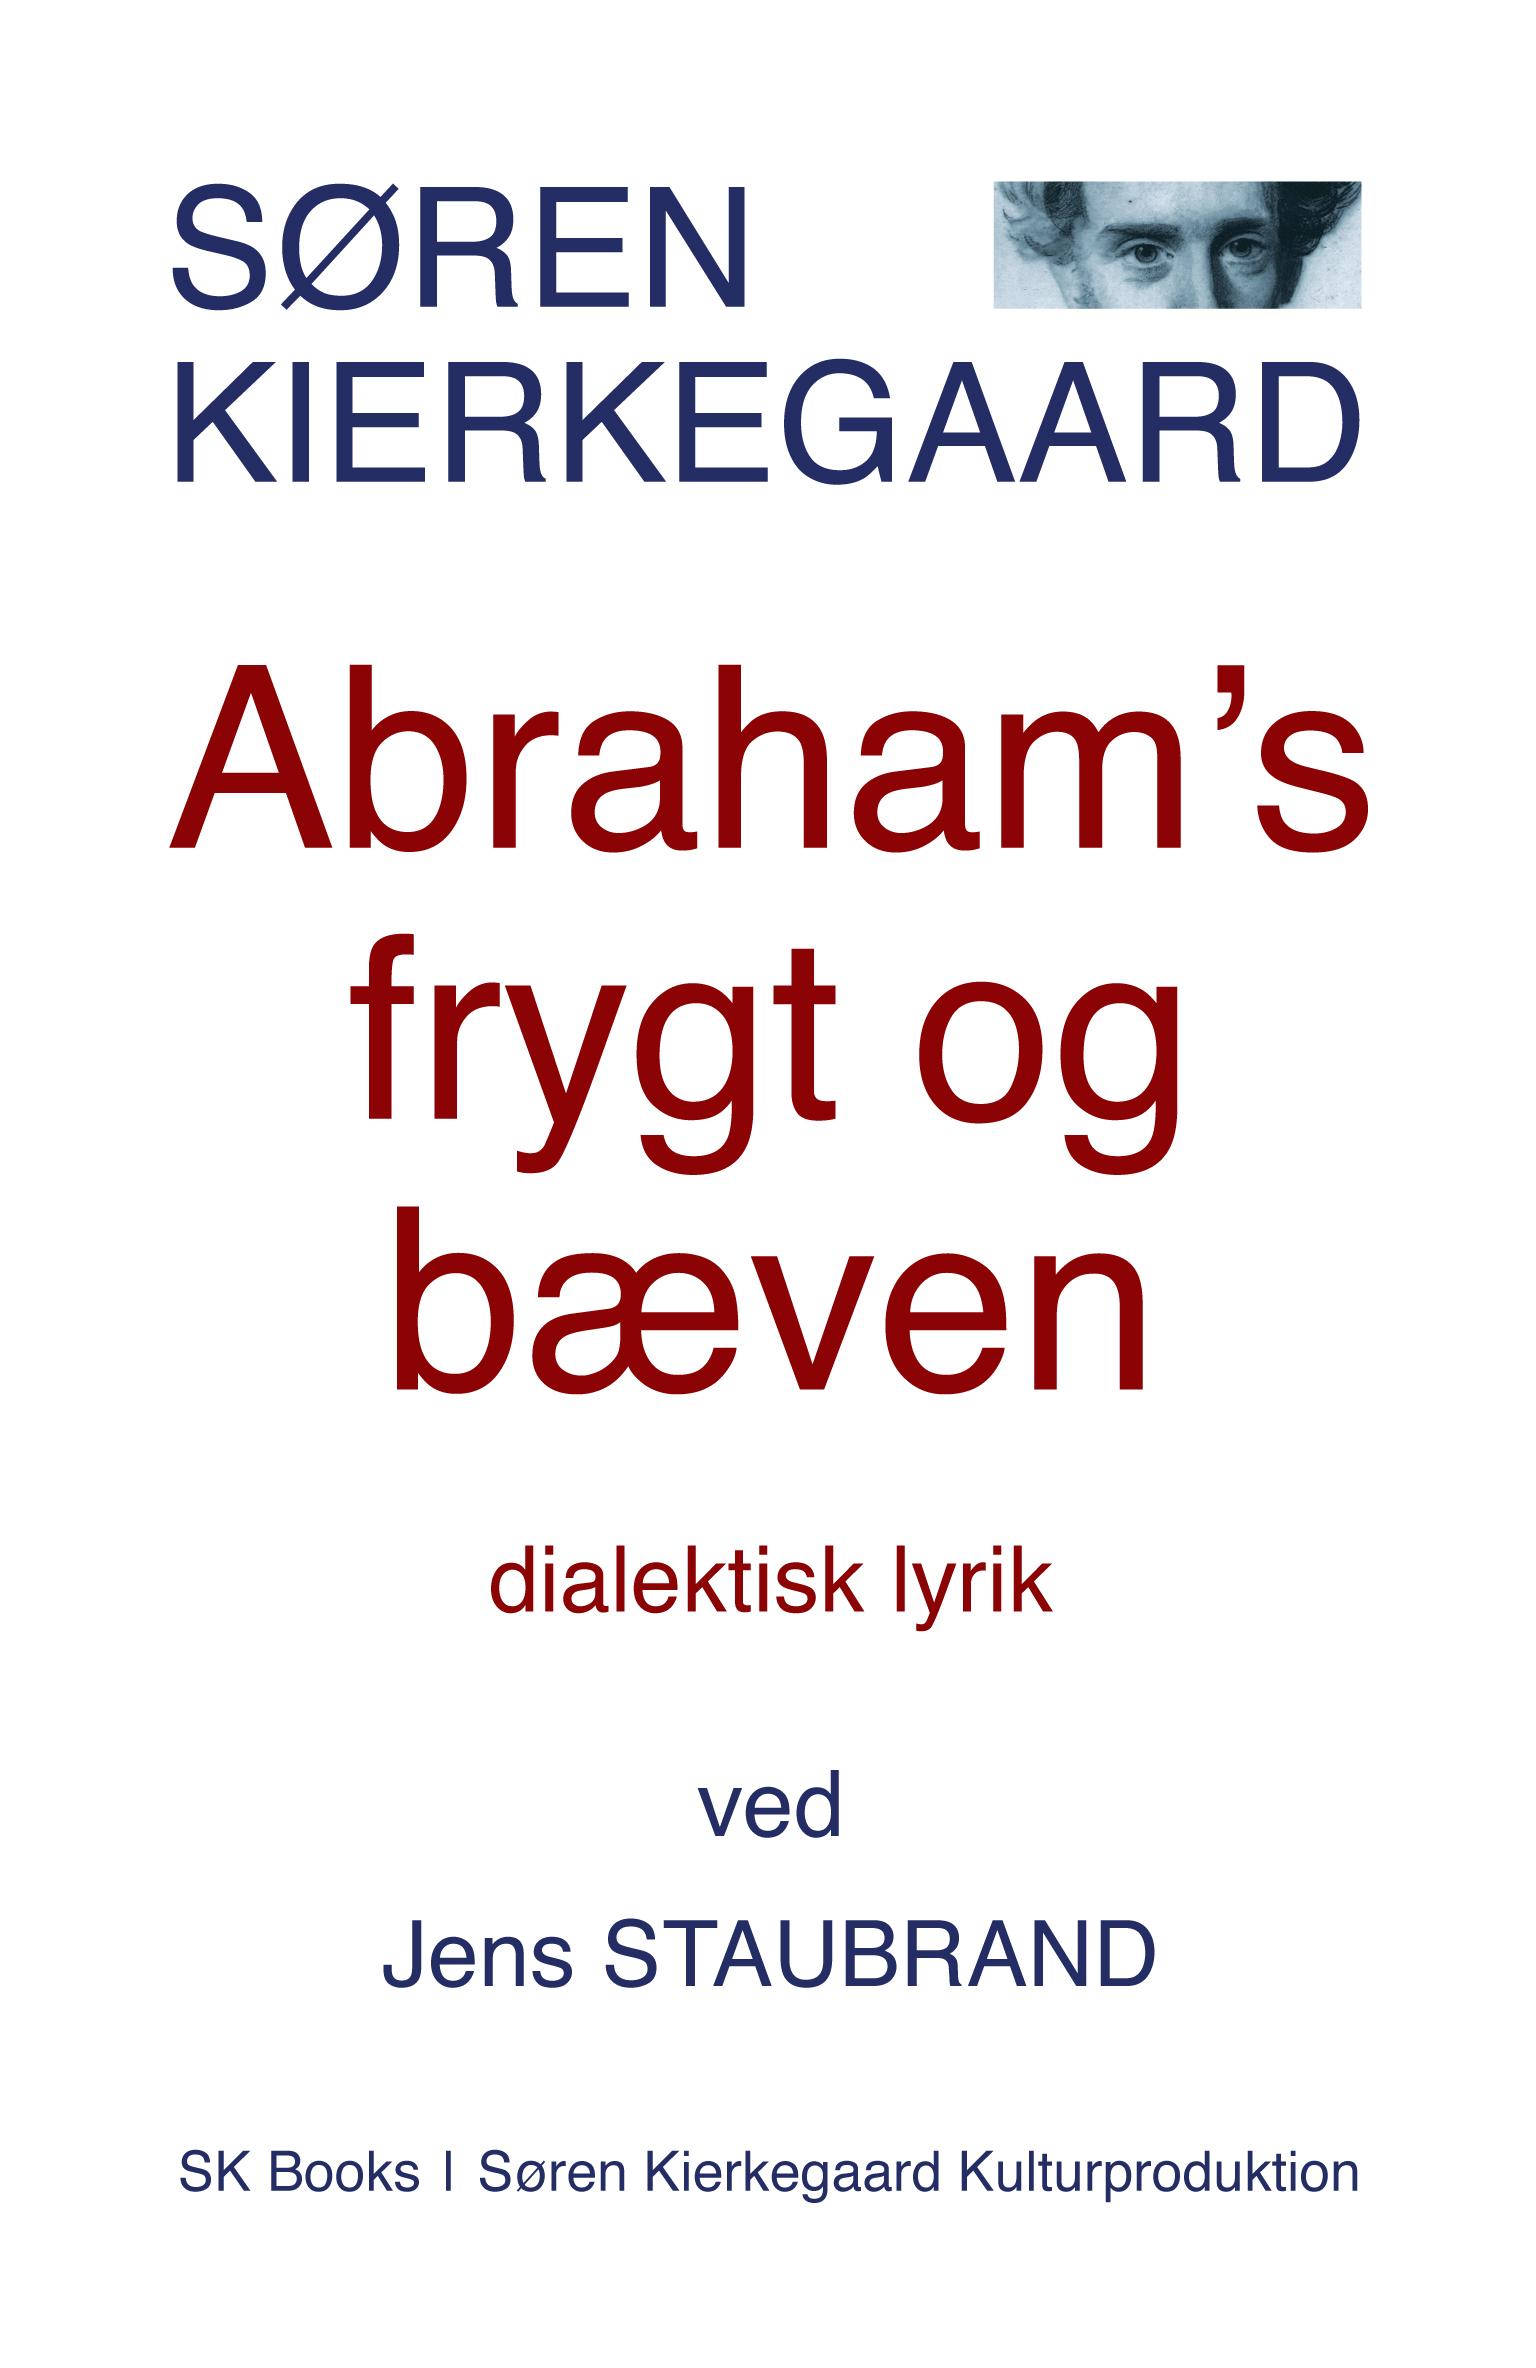 SØREN KIERKEGAARD Abraham's frygt og bæven, ved Jens Staubrand